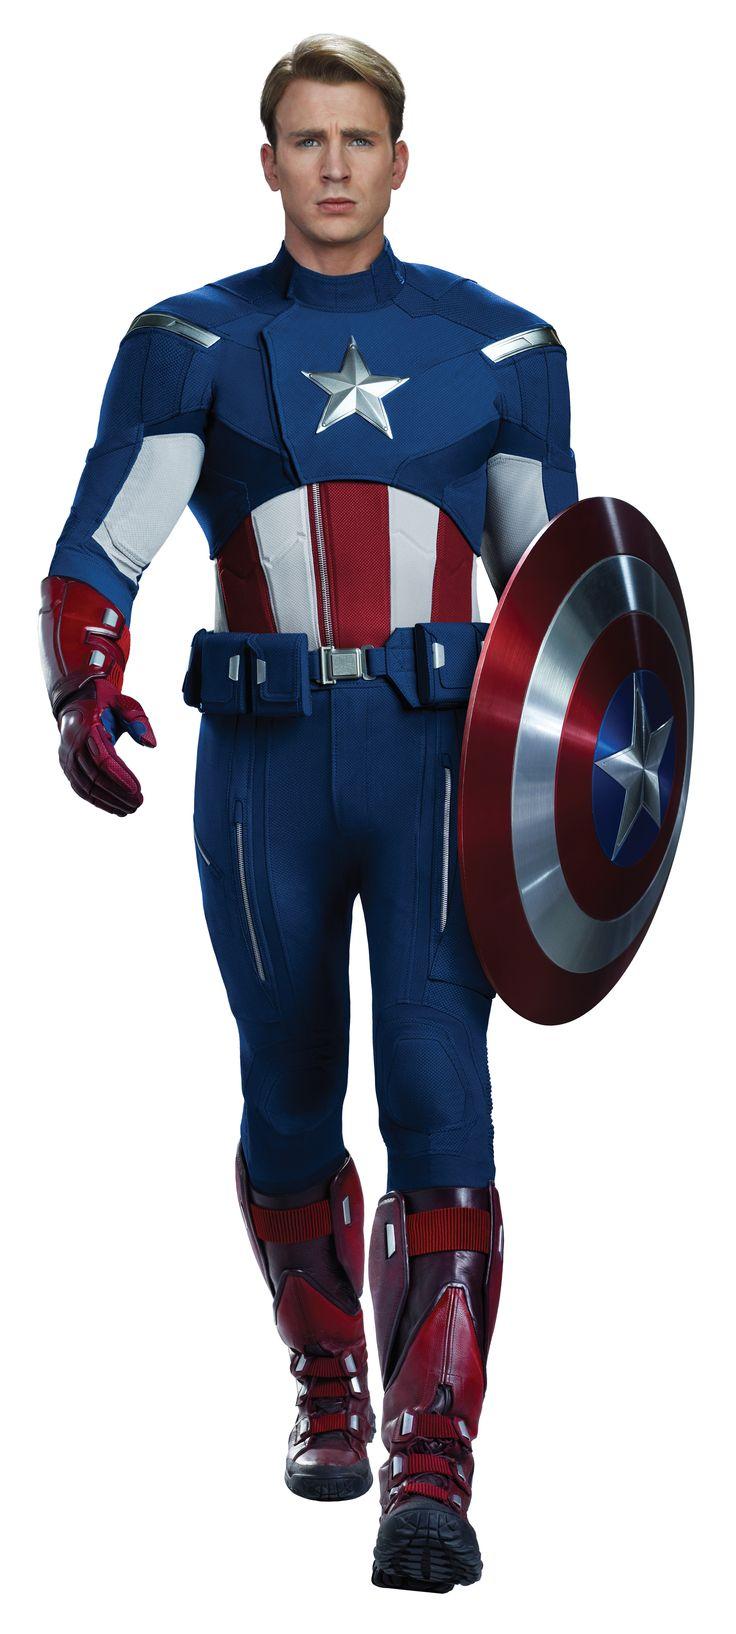 Steve rogers captain america captain america pinterest for Captain america